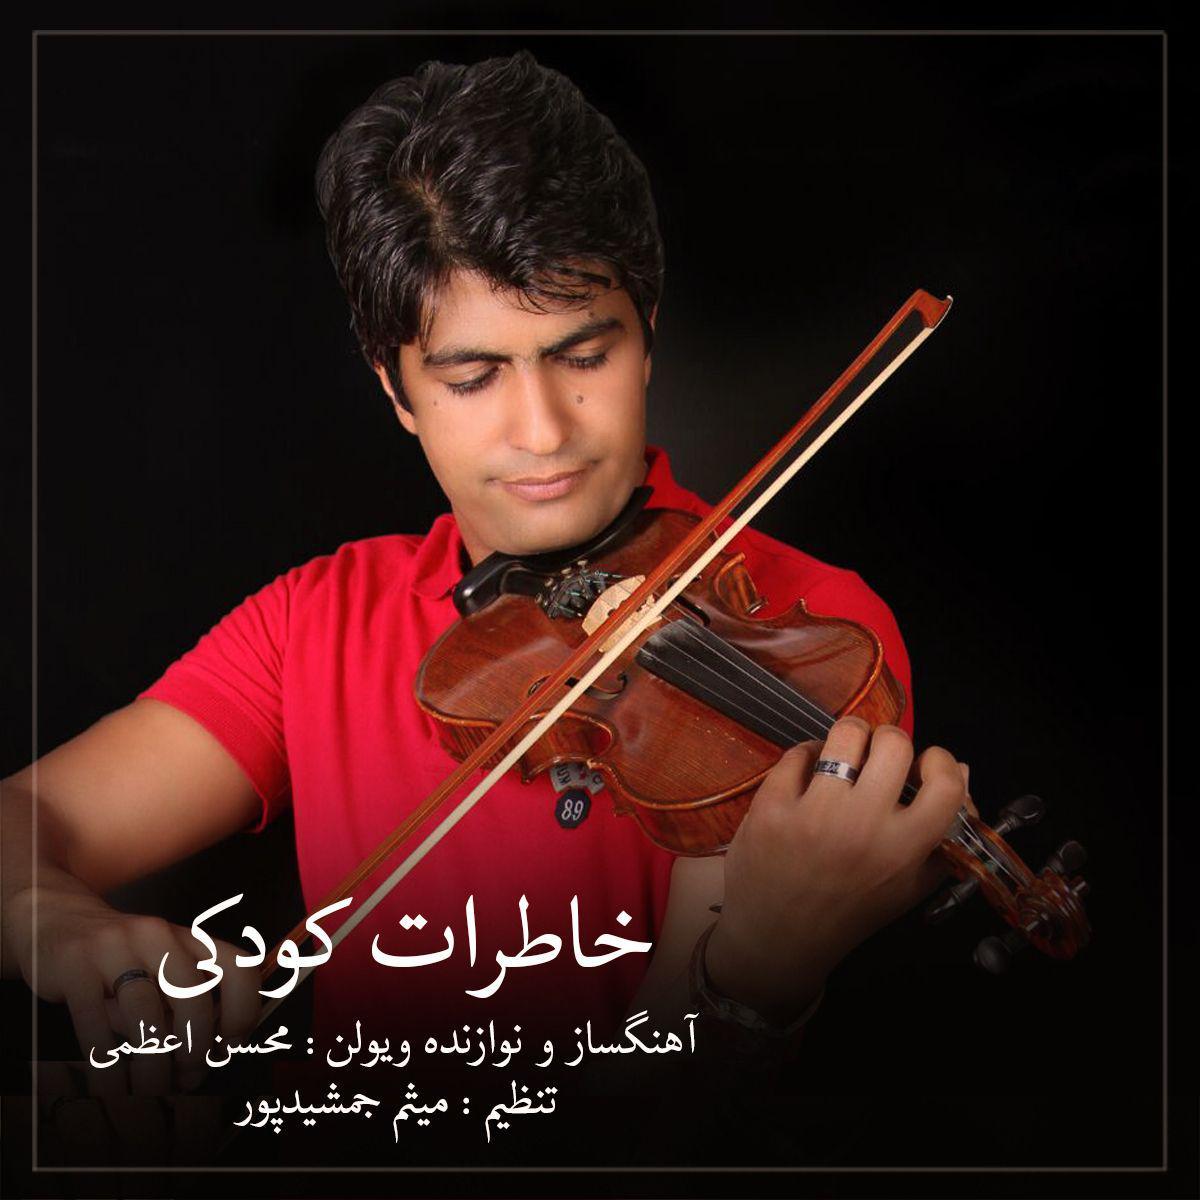 Mohsen Azami – Khaterate Kodaki